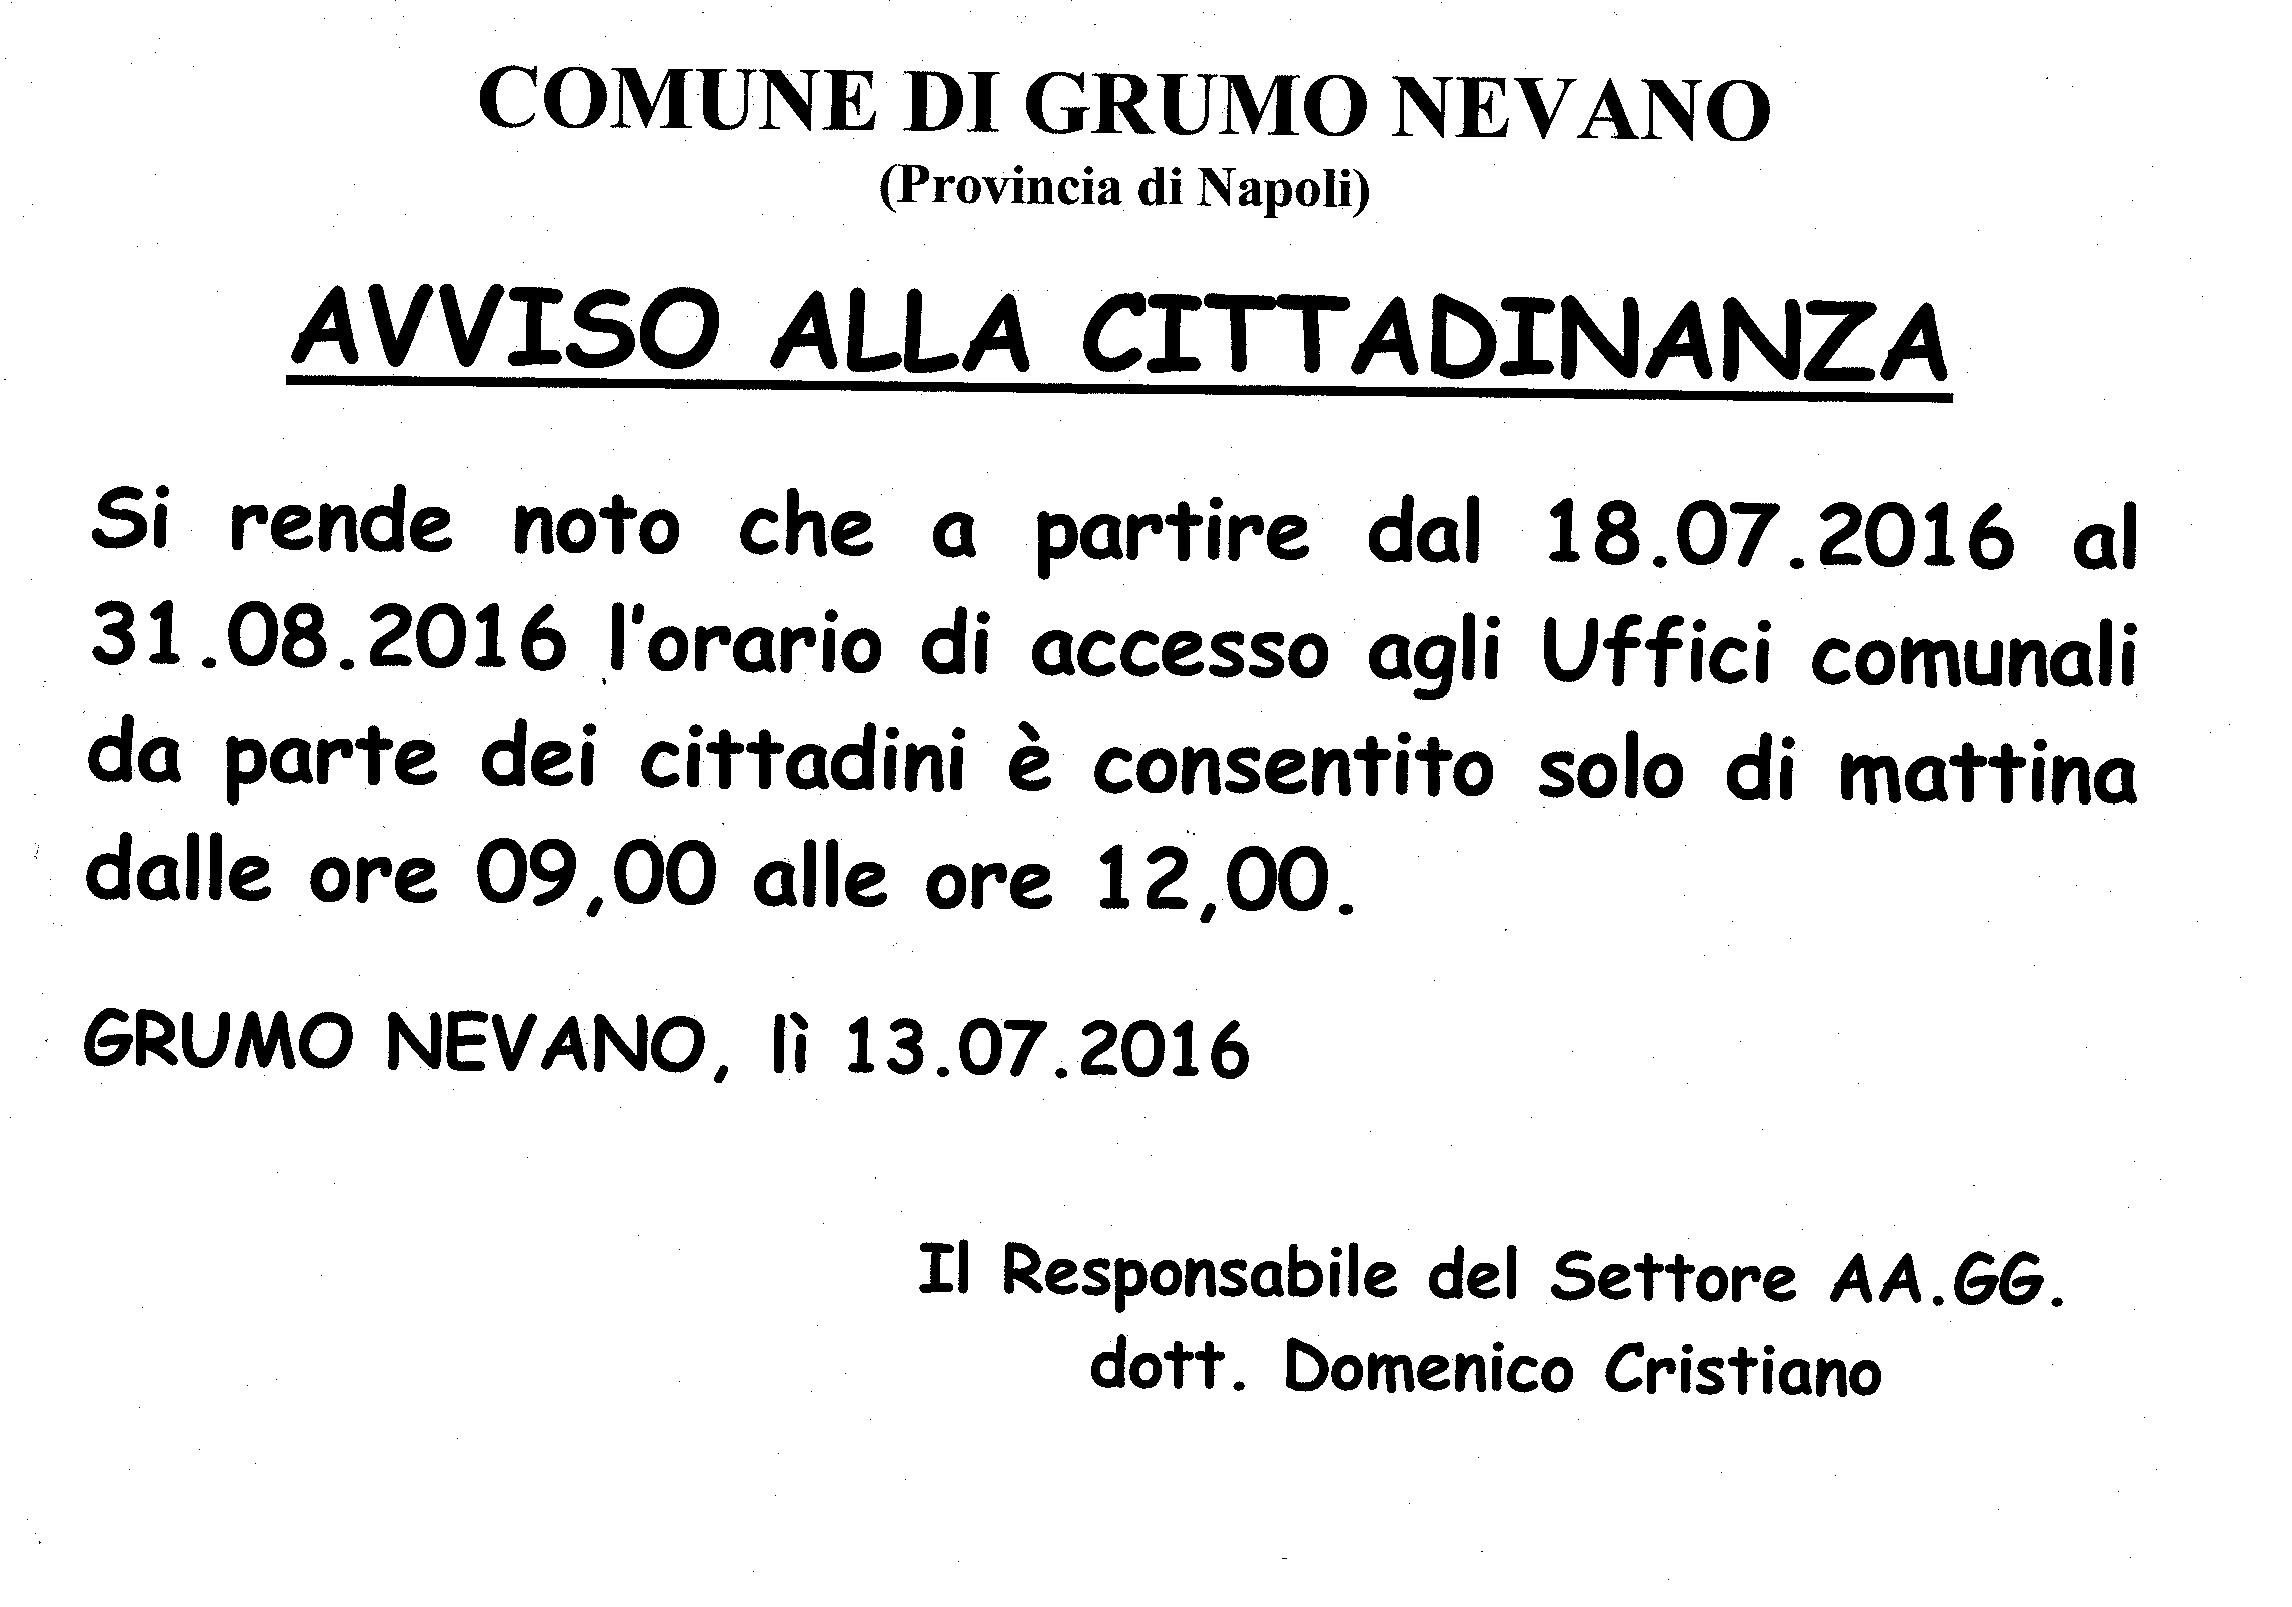 AVVISO ALLA CITTADINANZA-1